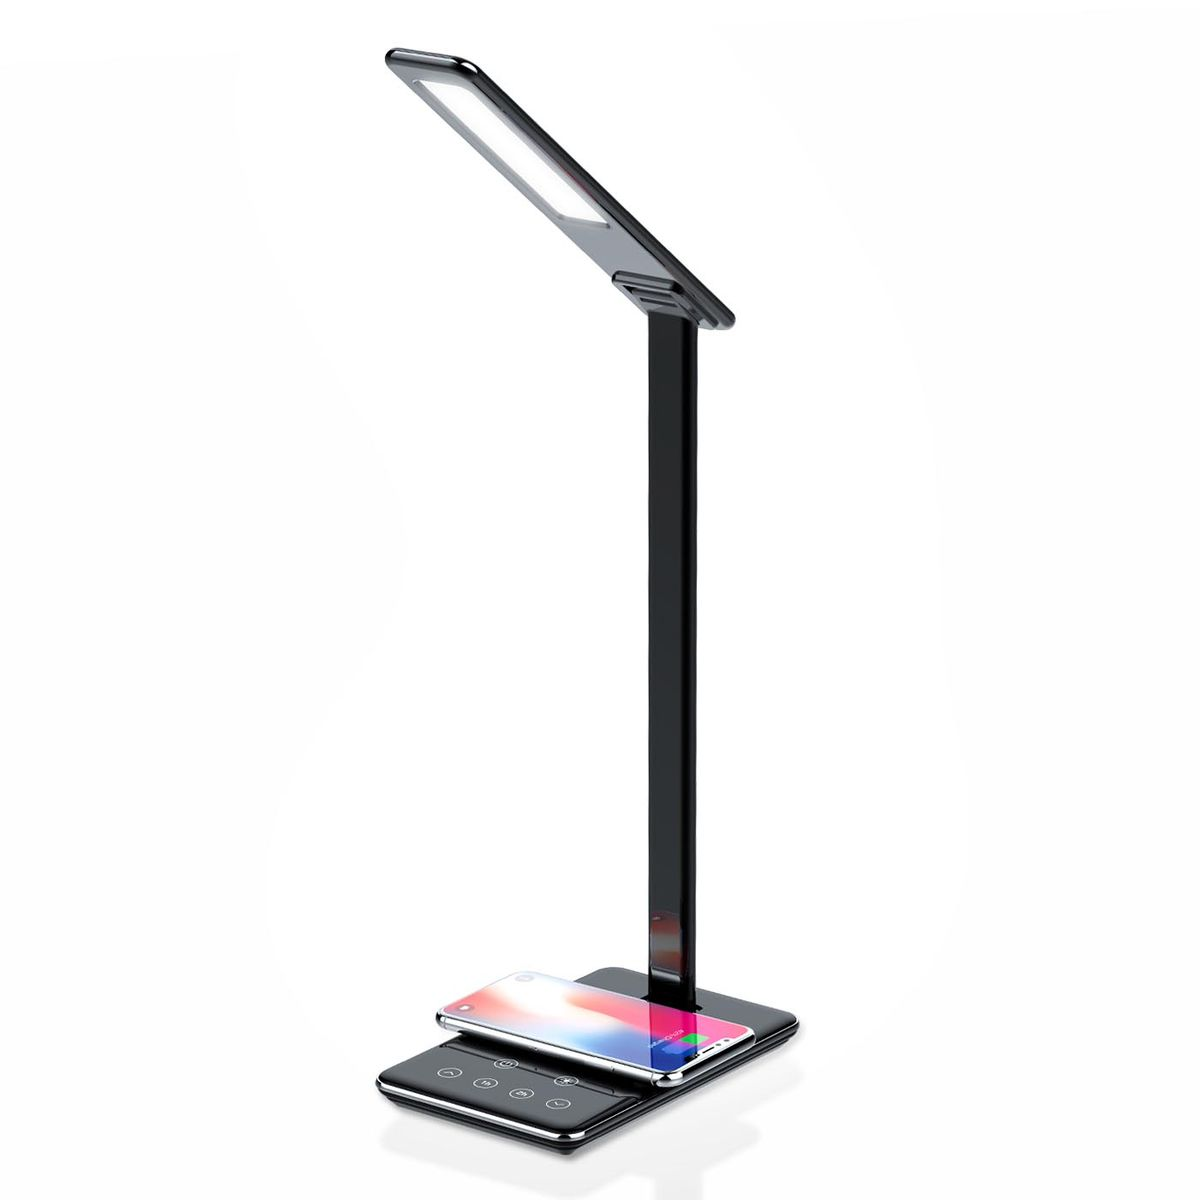 Настольная лампа Ambrella light DE582 Desk (Зарядная платформа)